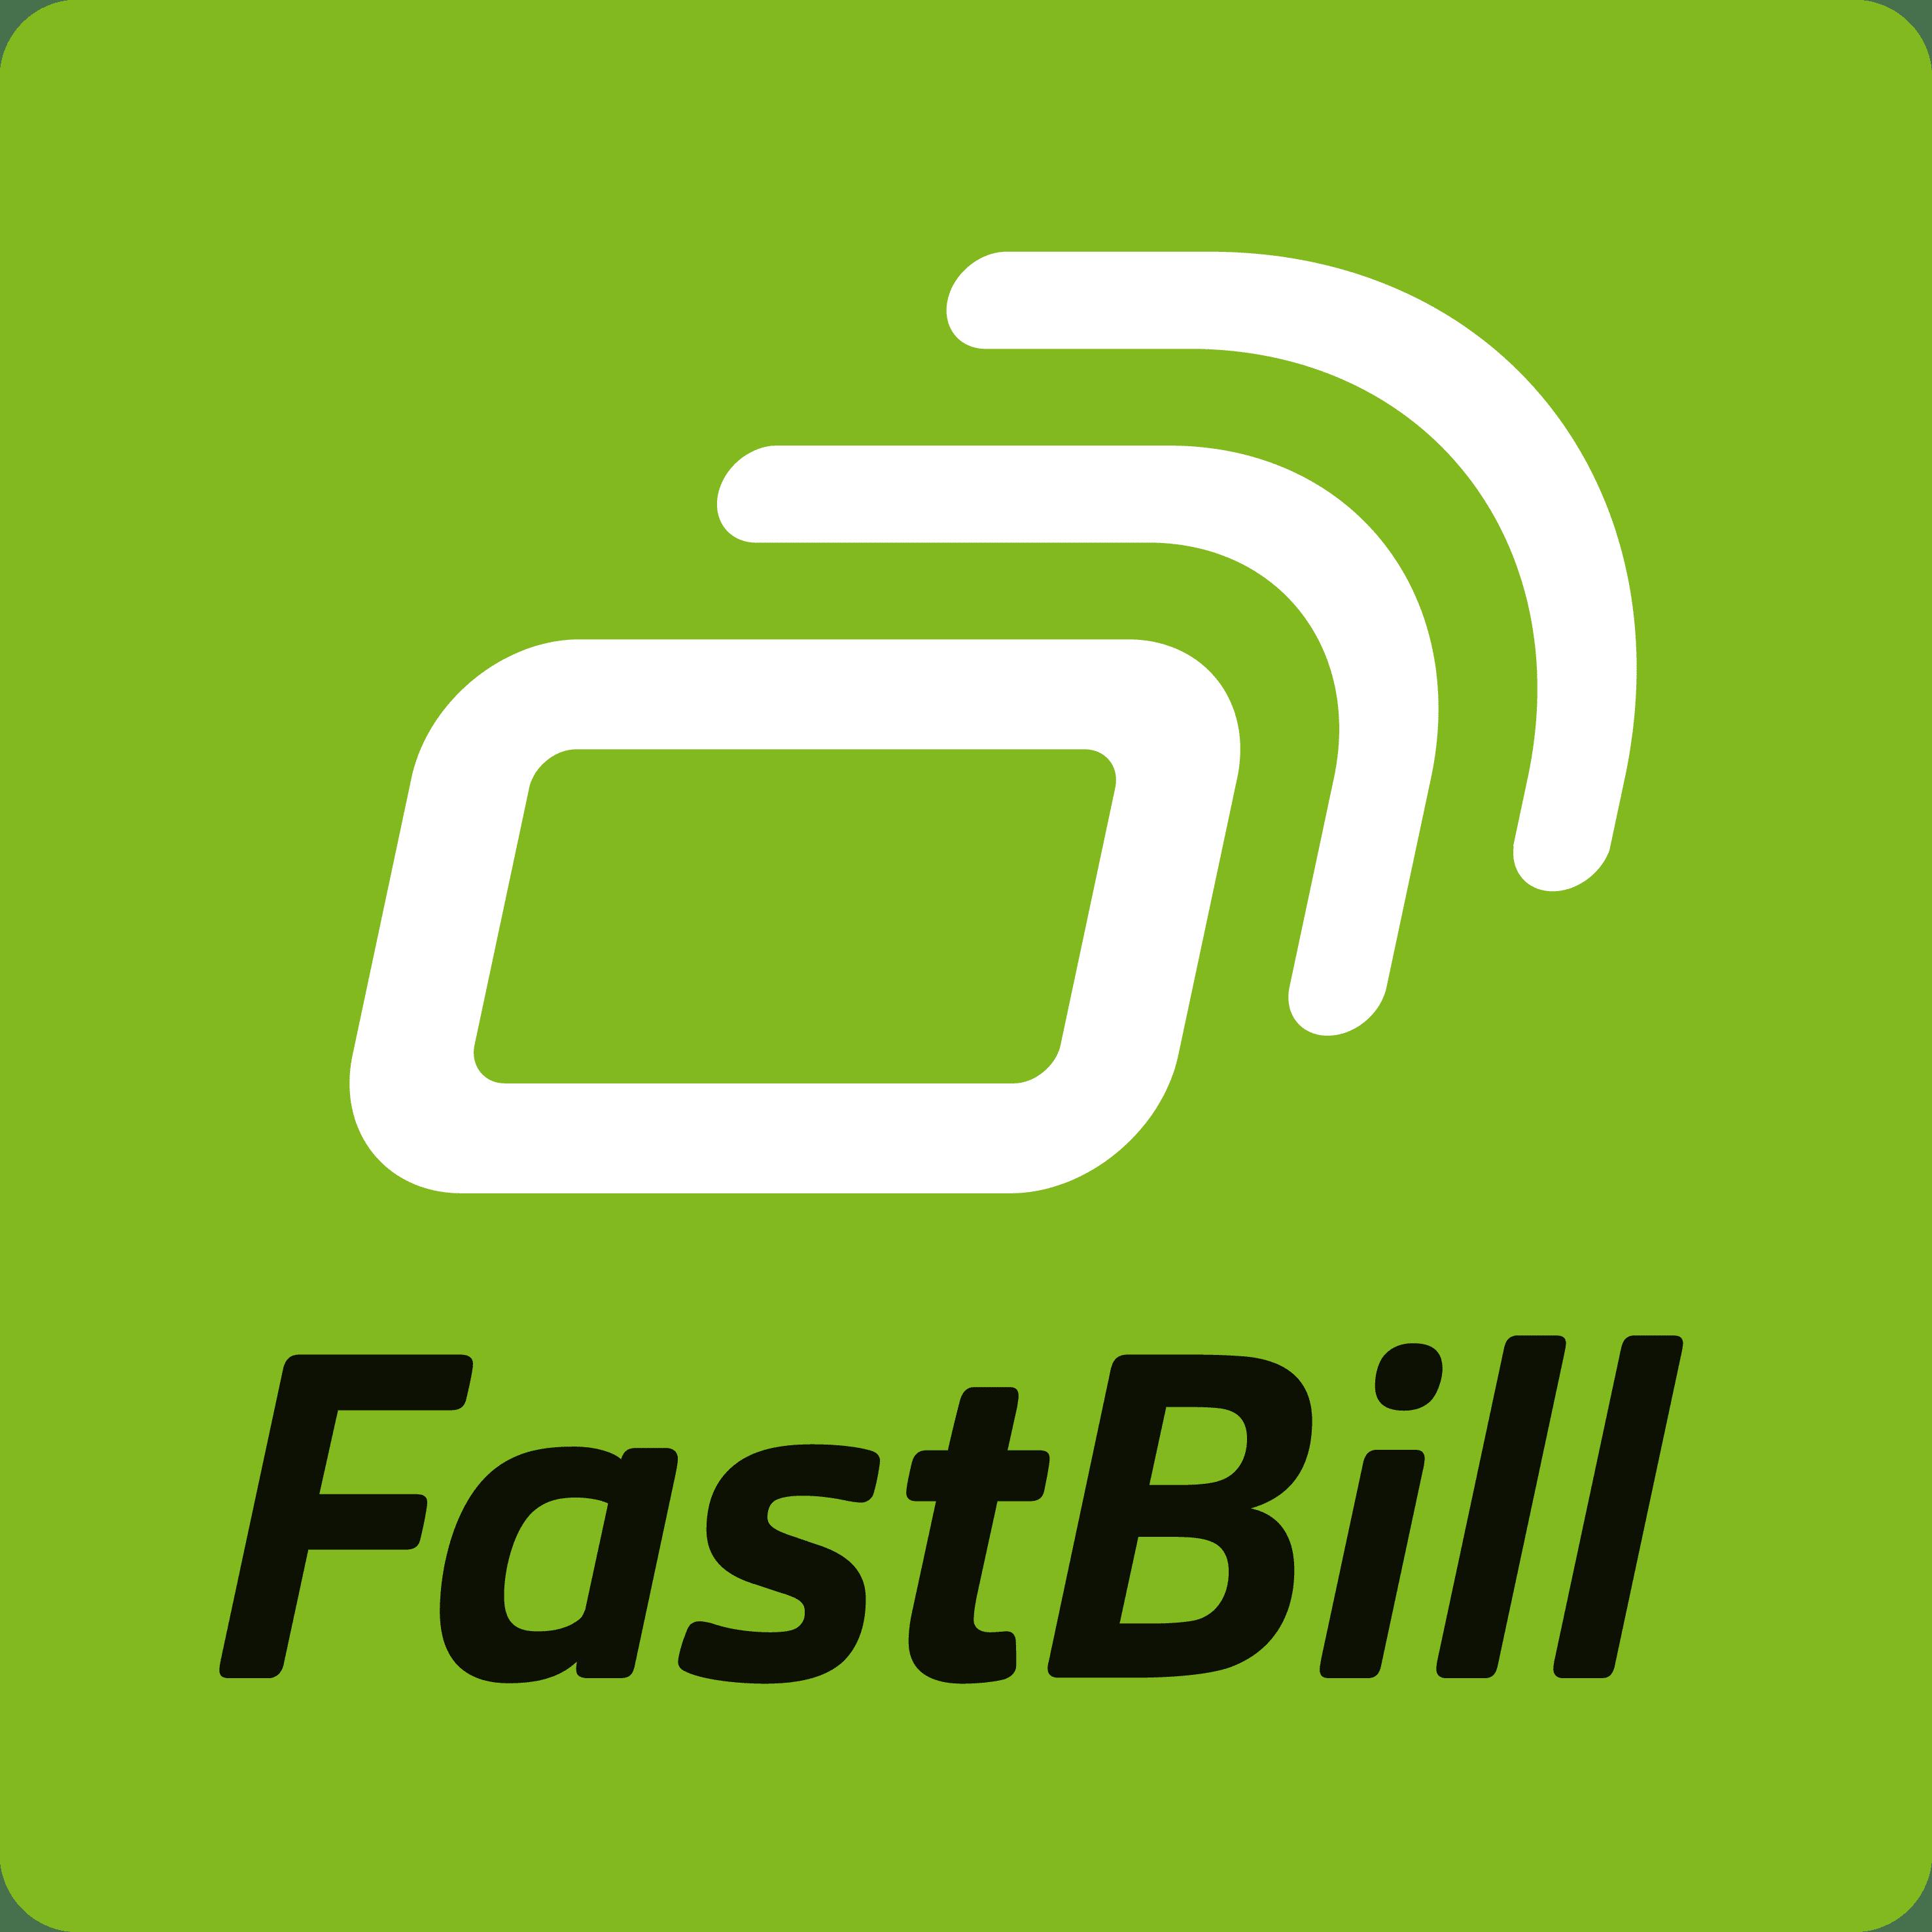 blog.fastbill.com logo